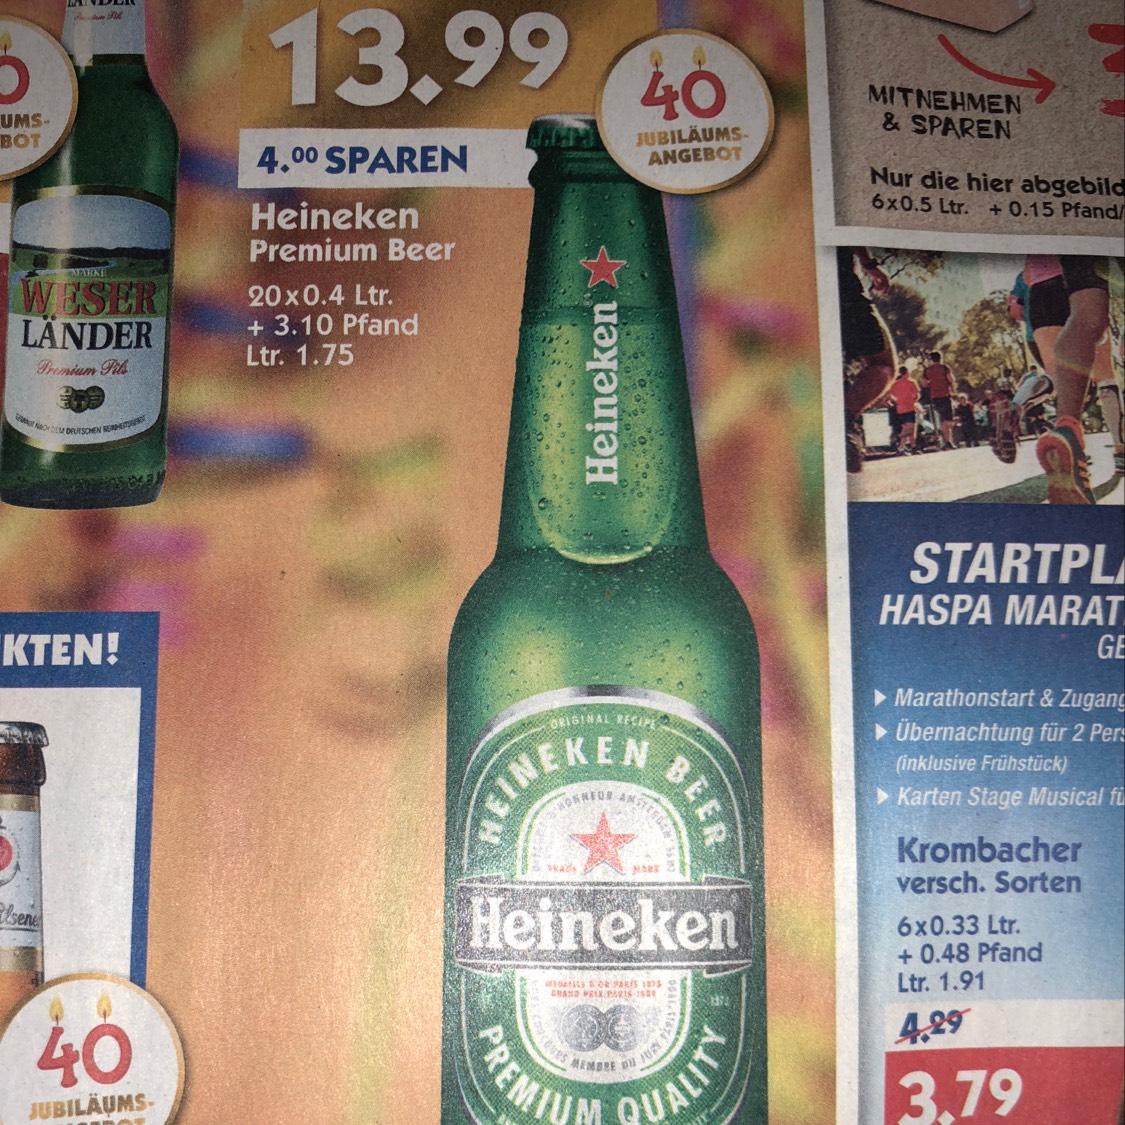 Heineken Angebote & Deals ⇒ Februar 2018 - mydealz.de